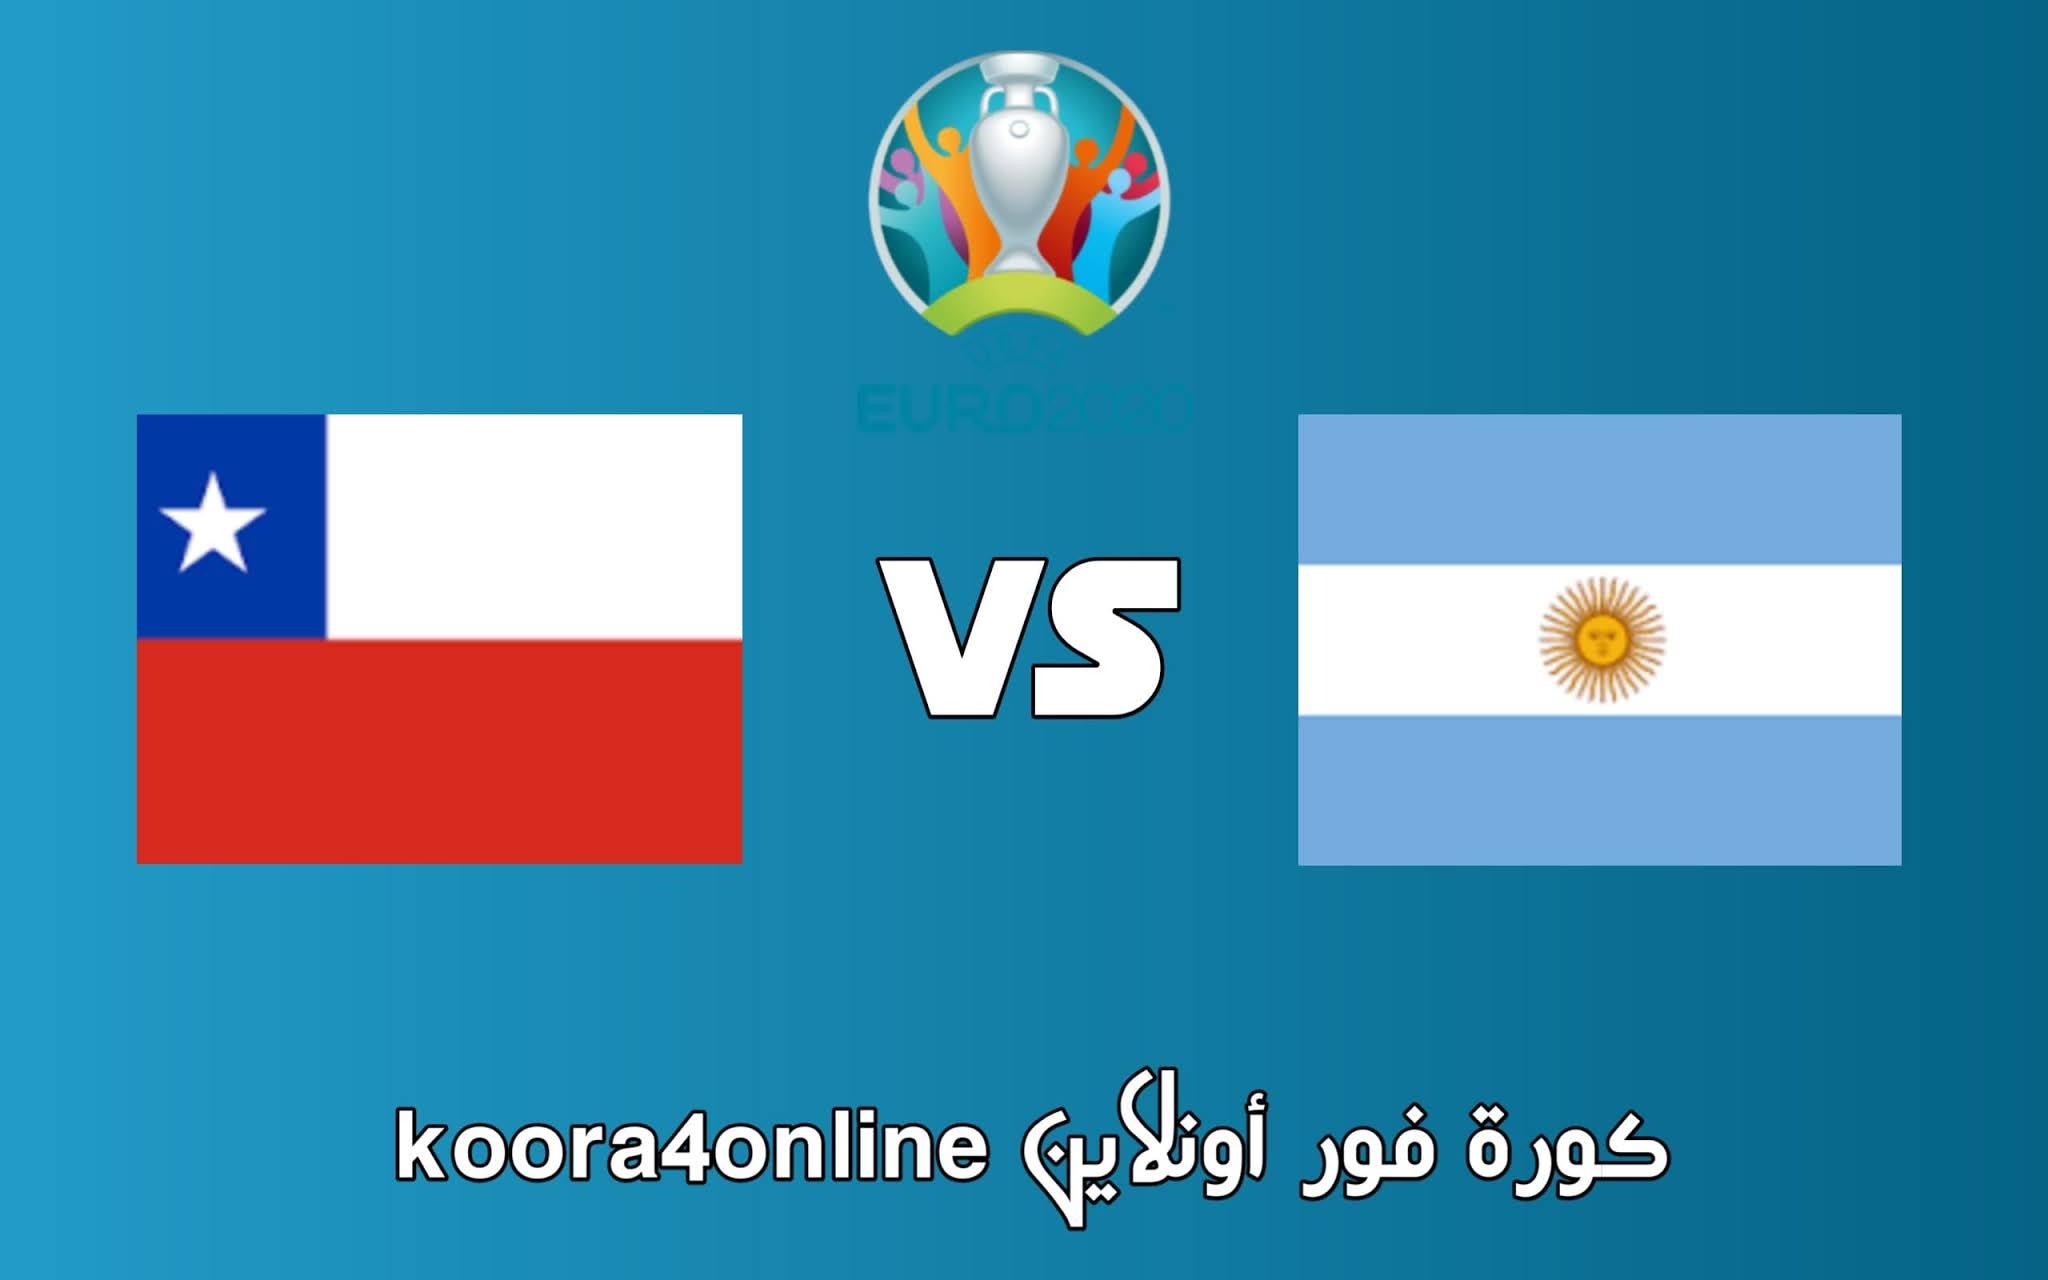 مشاهدة مباراة الأرجنتين و تشيلي اليوم 14-06-2021 في في كوبا أمريكا